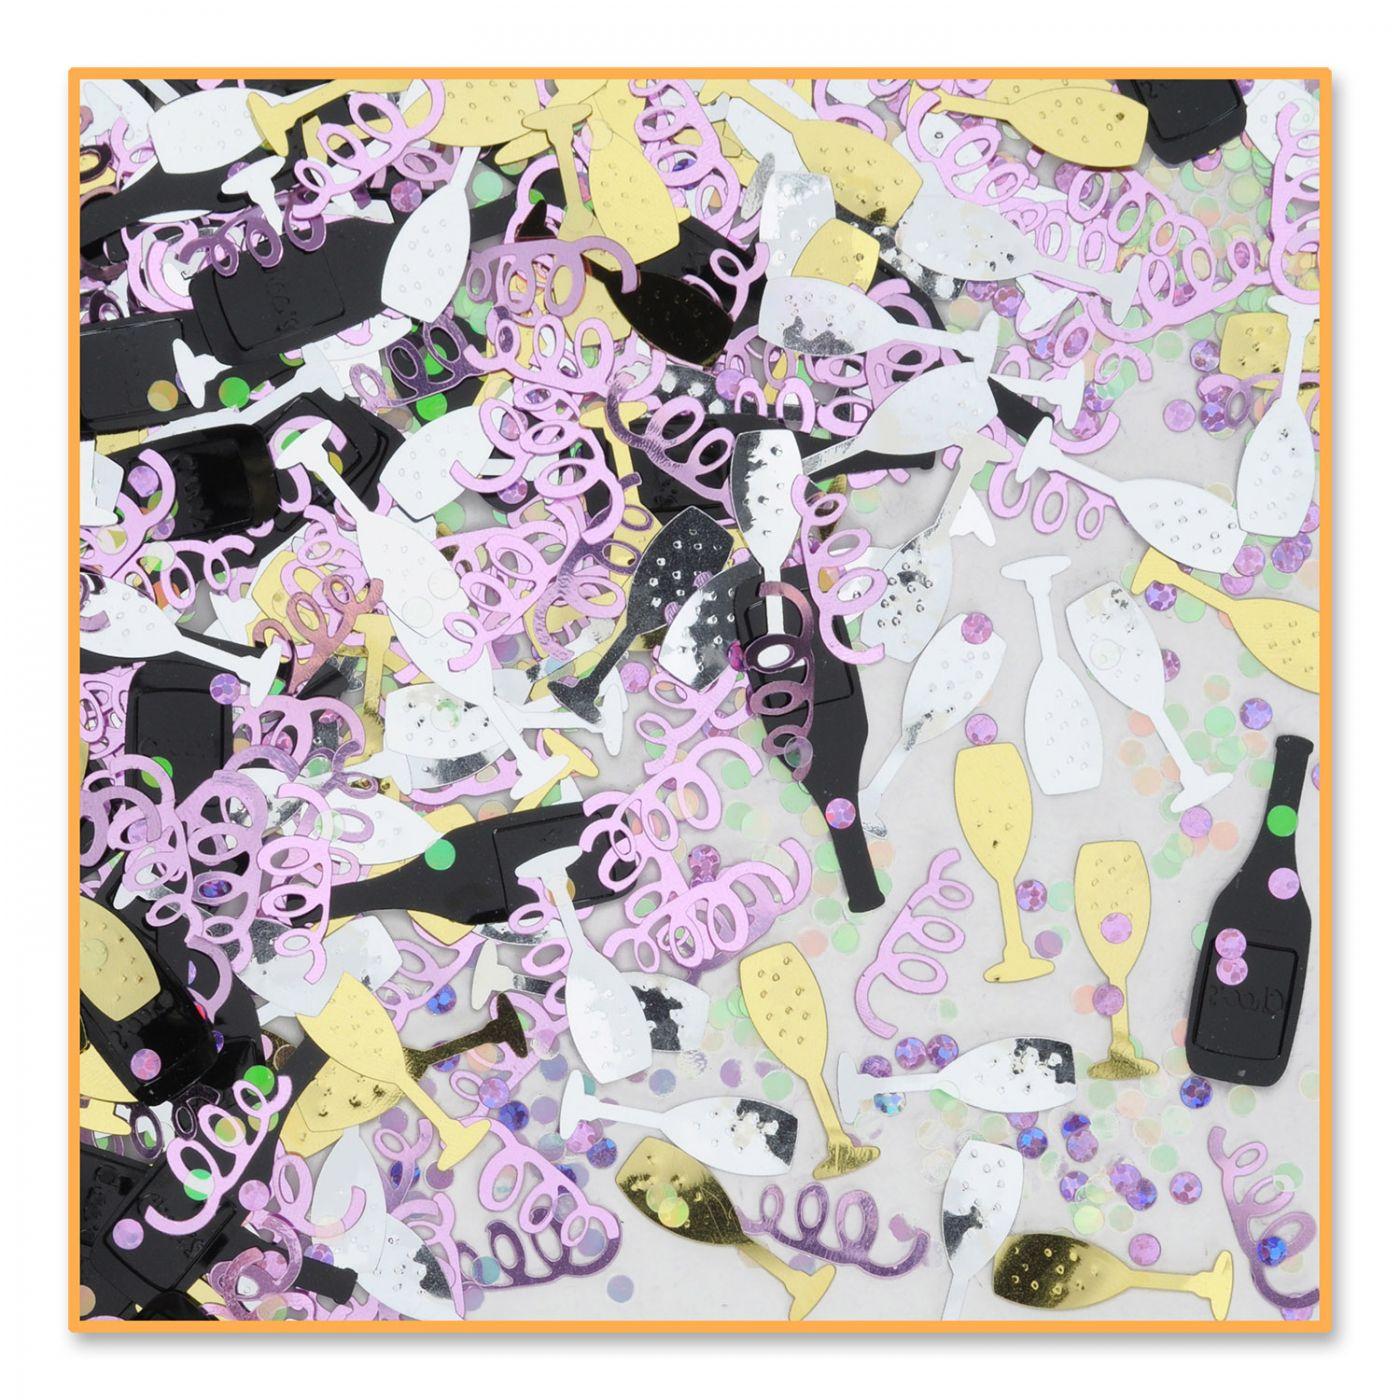 Champagne Celebration Confetti (6) image